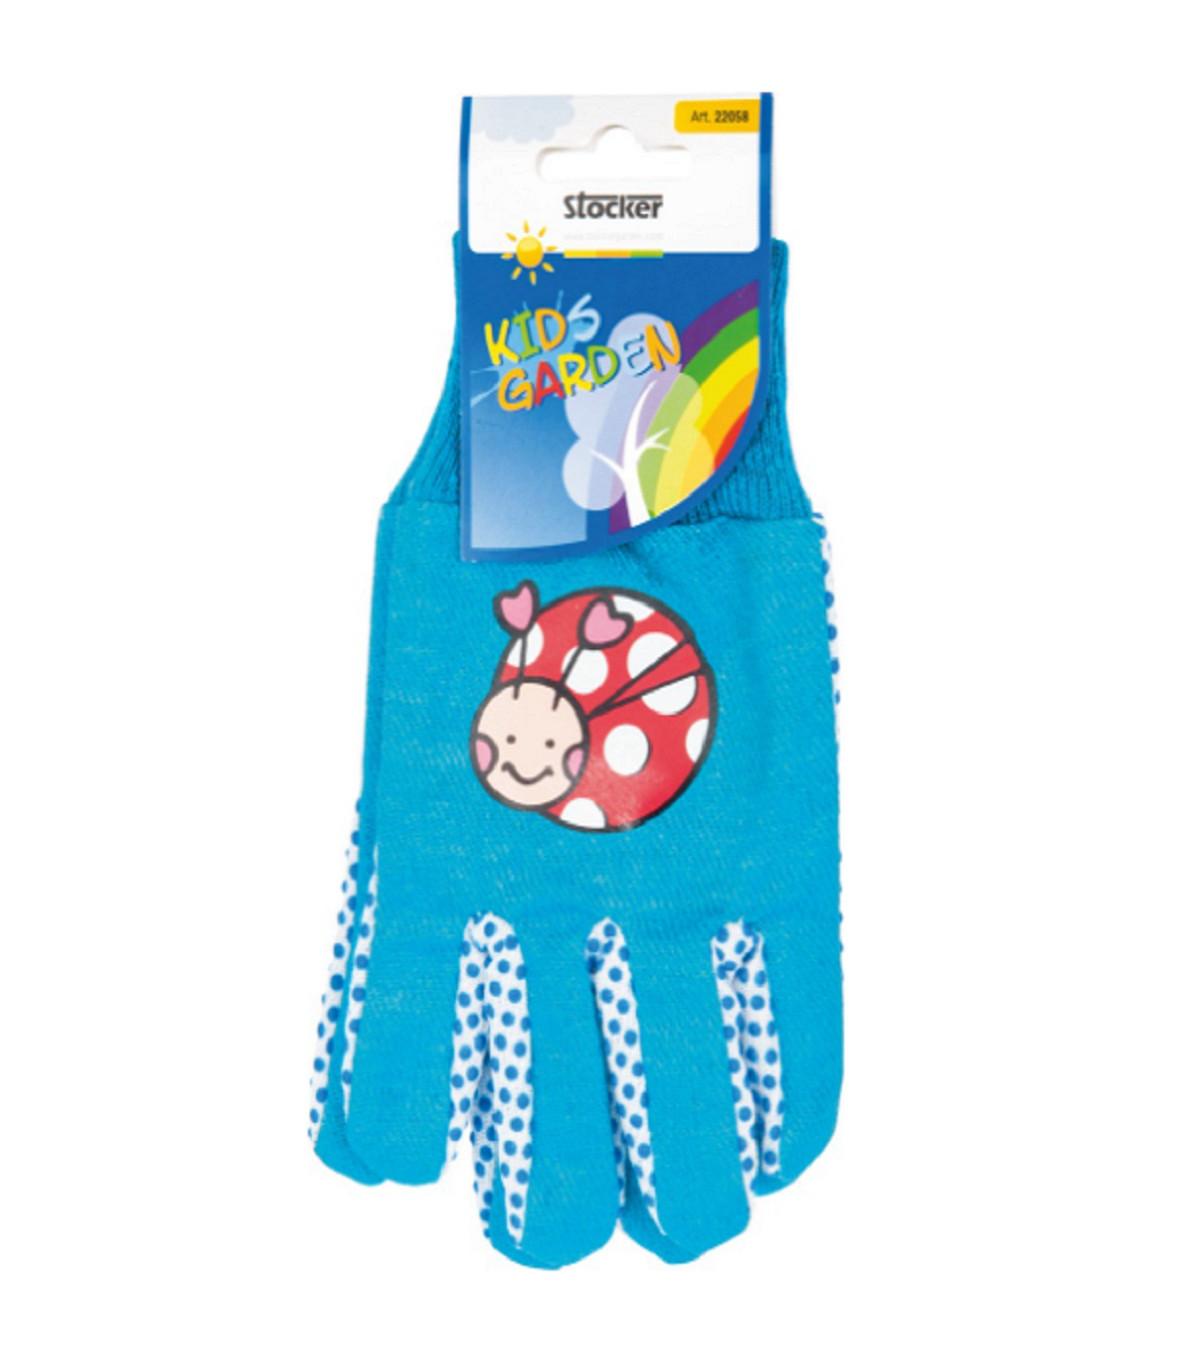 Dětské pracovní rukavice Stocker - modré - 1 pár